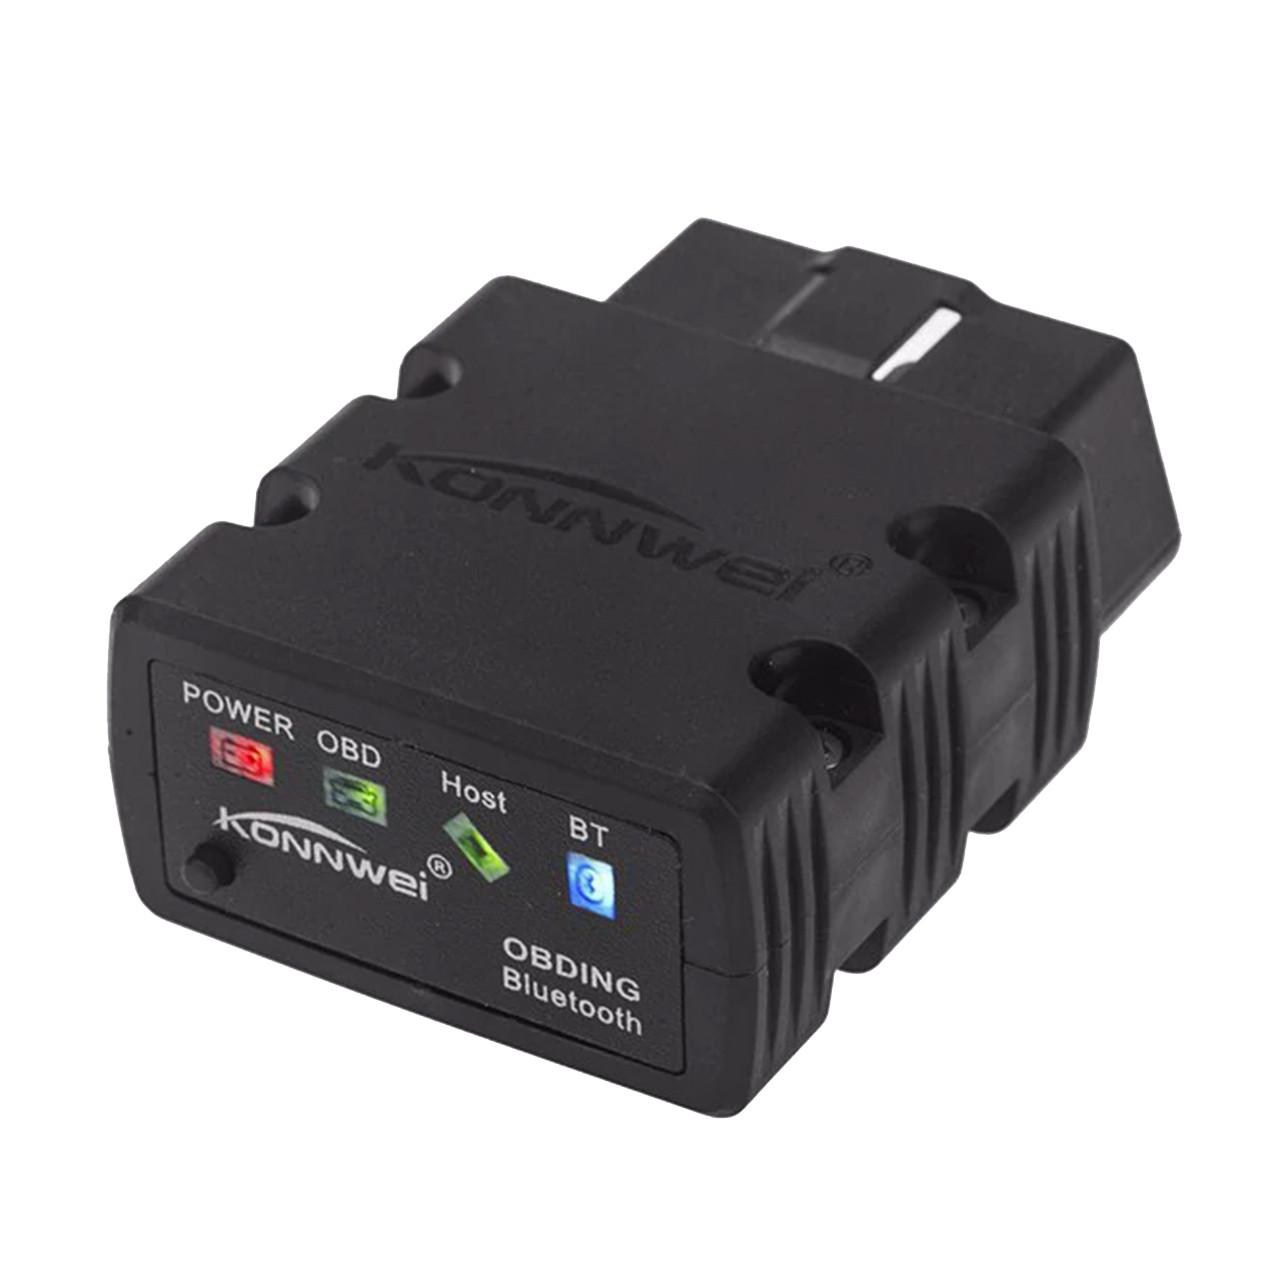 Сканер-адаптер KONNWEI KW902 для диагностики автомобиля OBDII Bluetooth 3.0 Черный (2793-8575а)